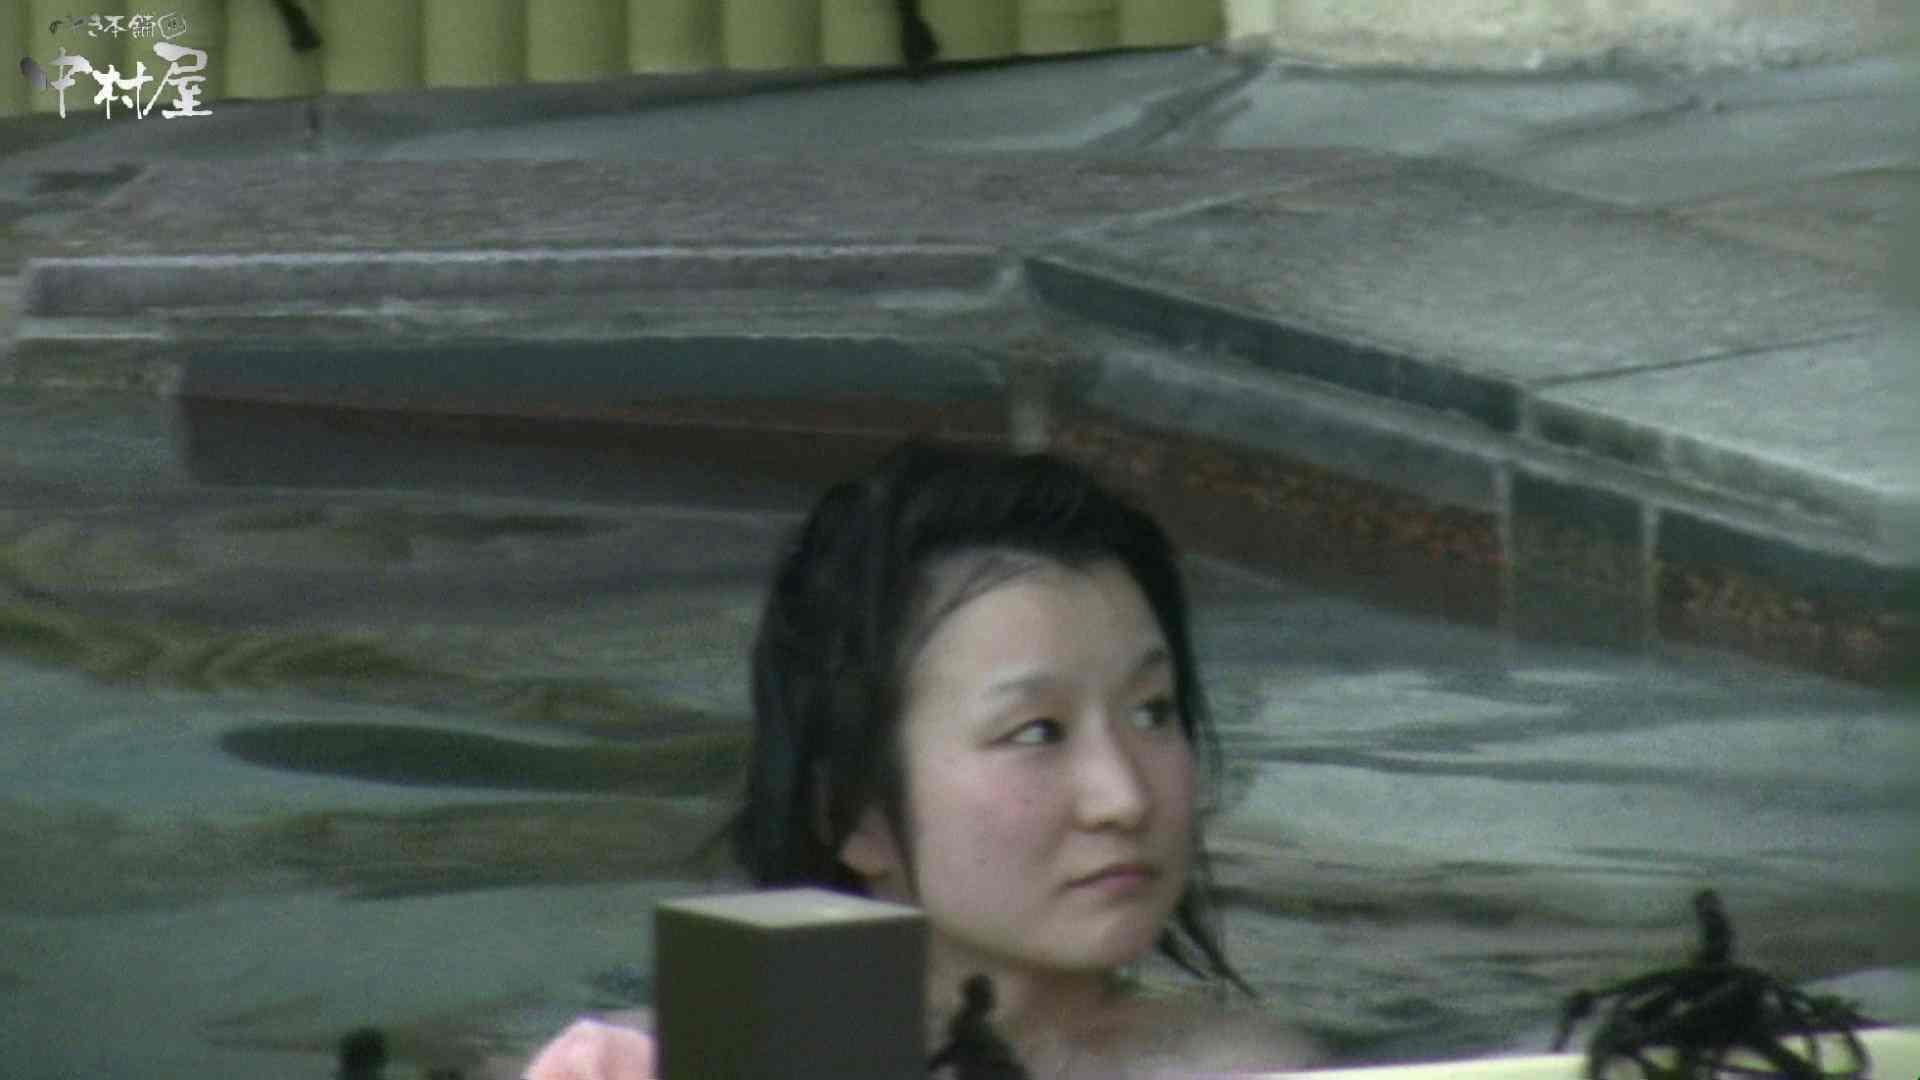 Aquaな露天風呂Vol.982 美しいOLの裸体  78pic 21